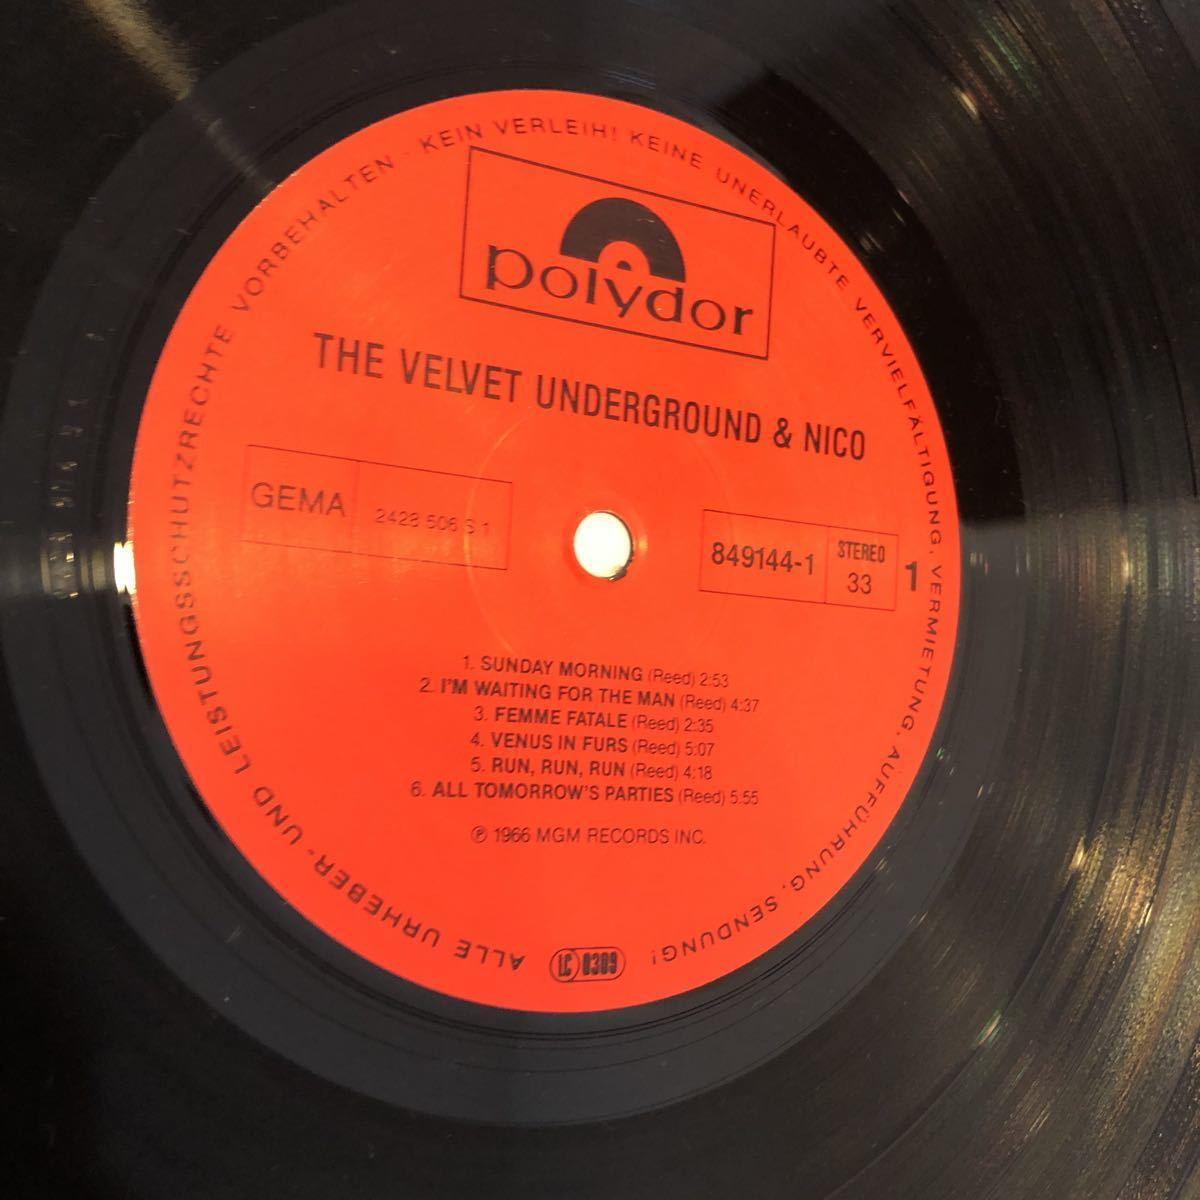 希少レコード!入手困難 VELVET UNDERGROUND & NICO ヴェルヴェット アンダーグラウンド アンド ニコ LP849 144-1 ドイツ盤 ルーリード_画像4